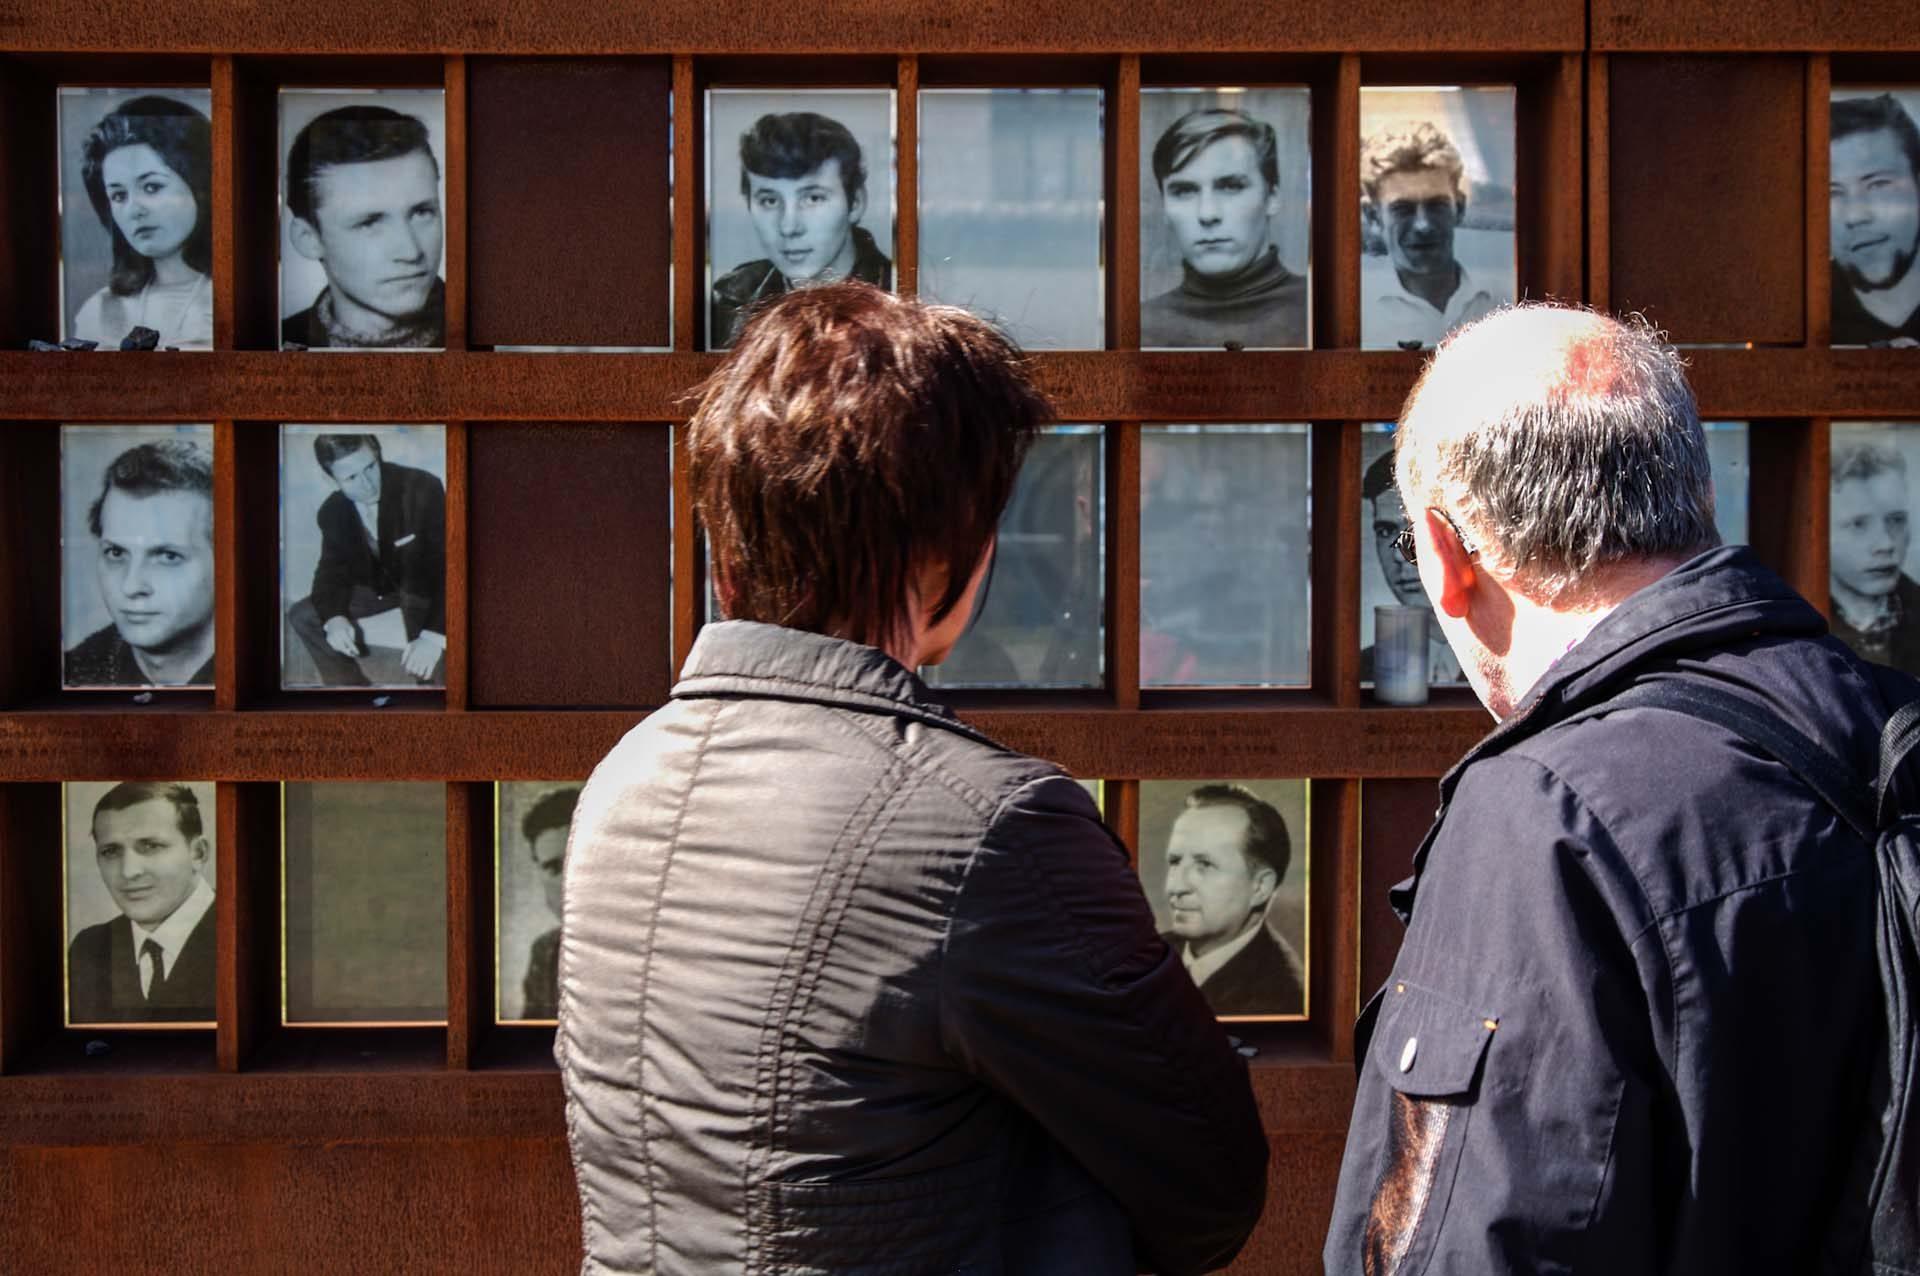 Gedenktafel an die Mauertoten  in der Gedenkstätte Berliner Mauer, Bernauer Straße Ecke Ackerstraße.